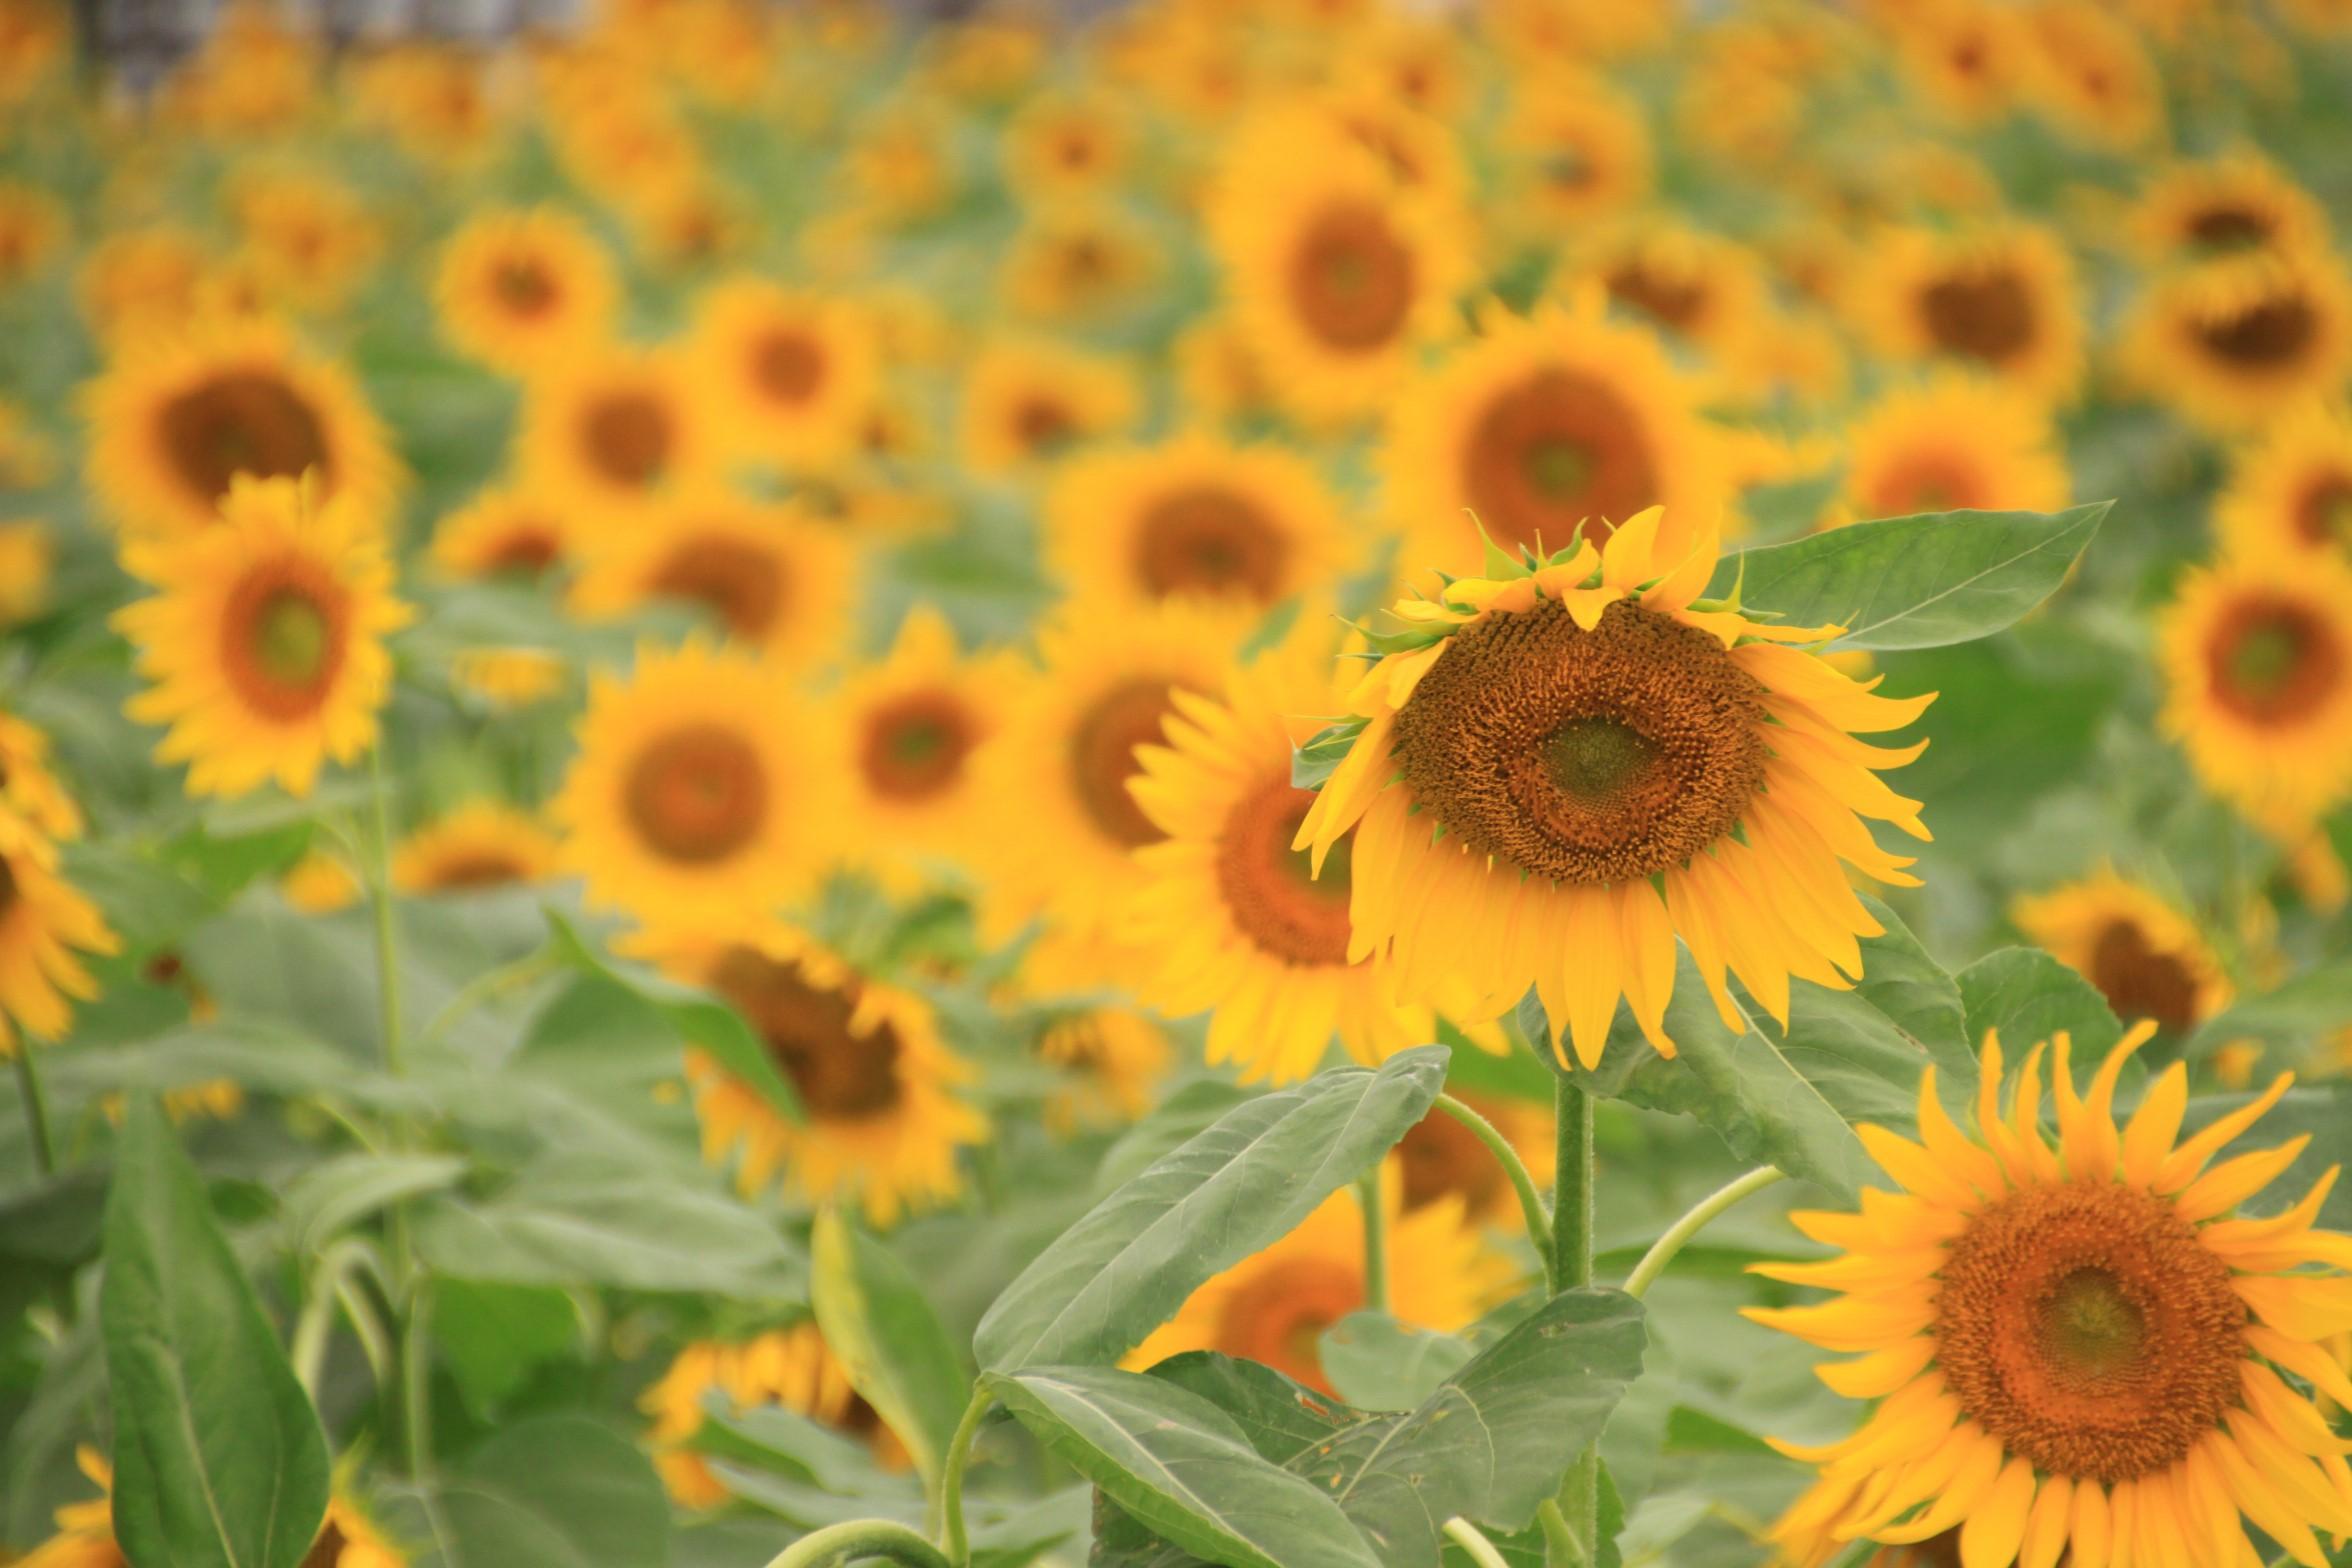 ぜるぶの丘のひまわり畑は絶景!見頃はいつ?ひまわり以外にも花がいっぱい!